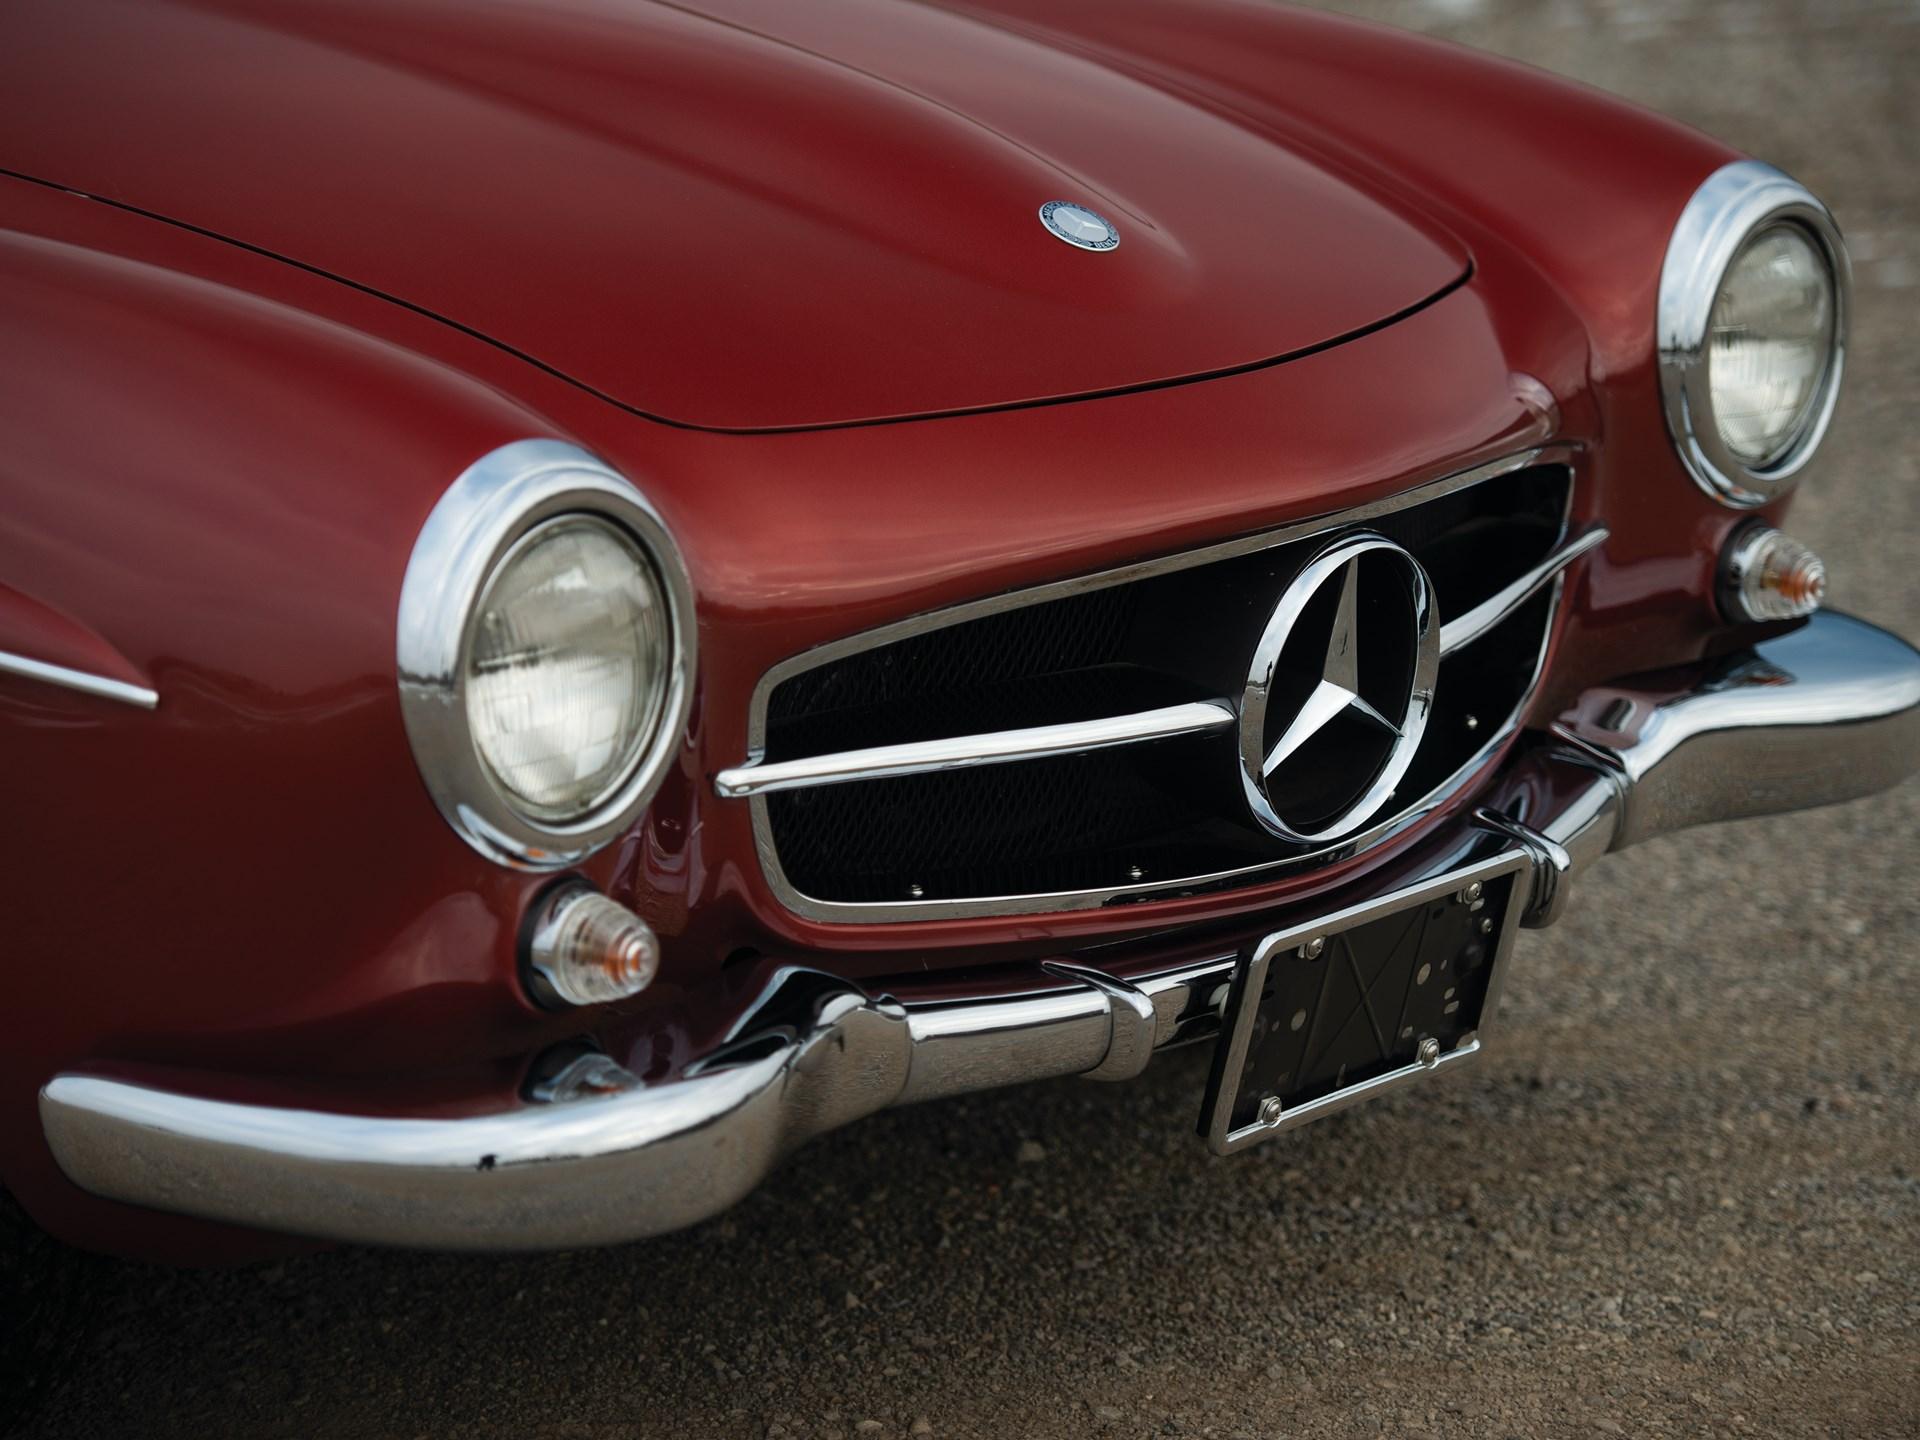 Magnificent Rm Sothebys 1959 Mercedes Benz 190 Sl Arizona 2019 Wiring Digital Resources Millslowmaporg